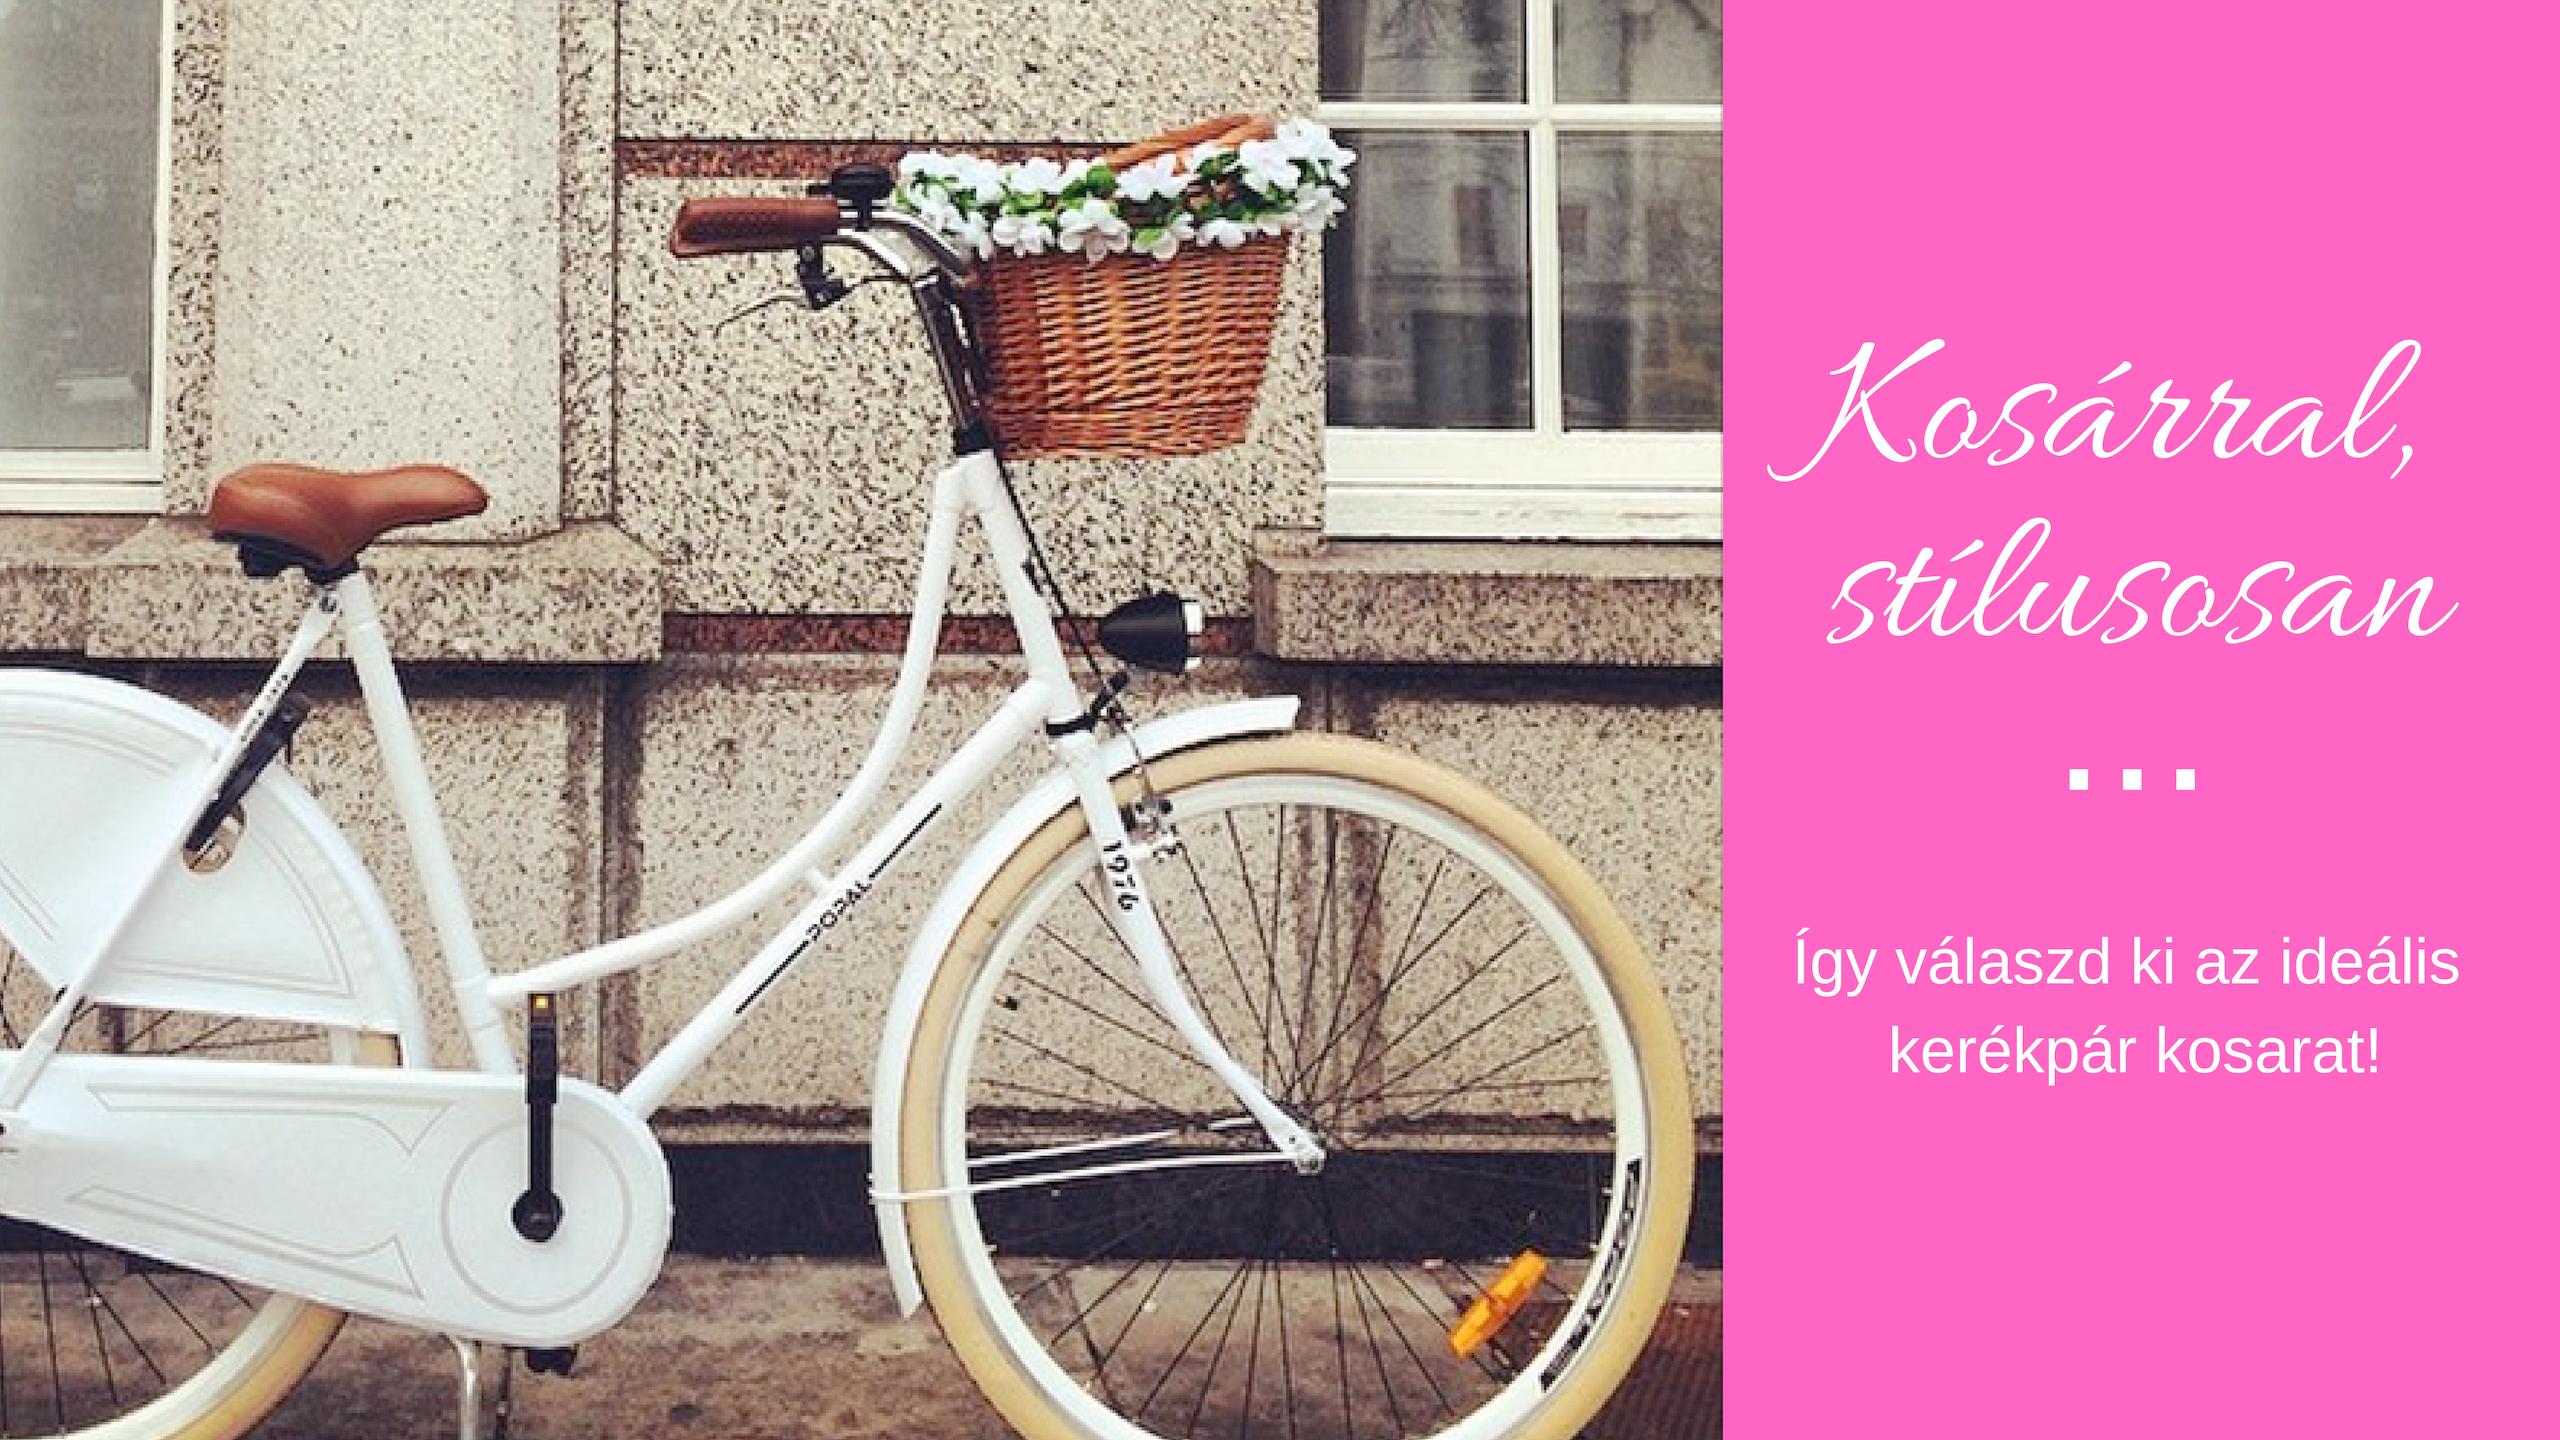 Tedd csajossá kerékpárod egy kedves kis kosárral!